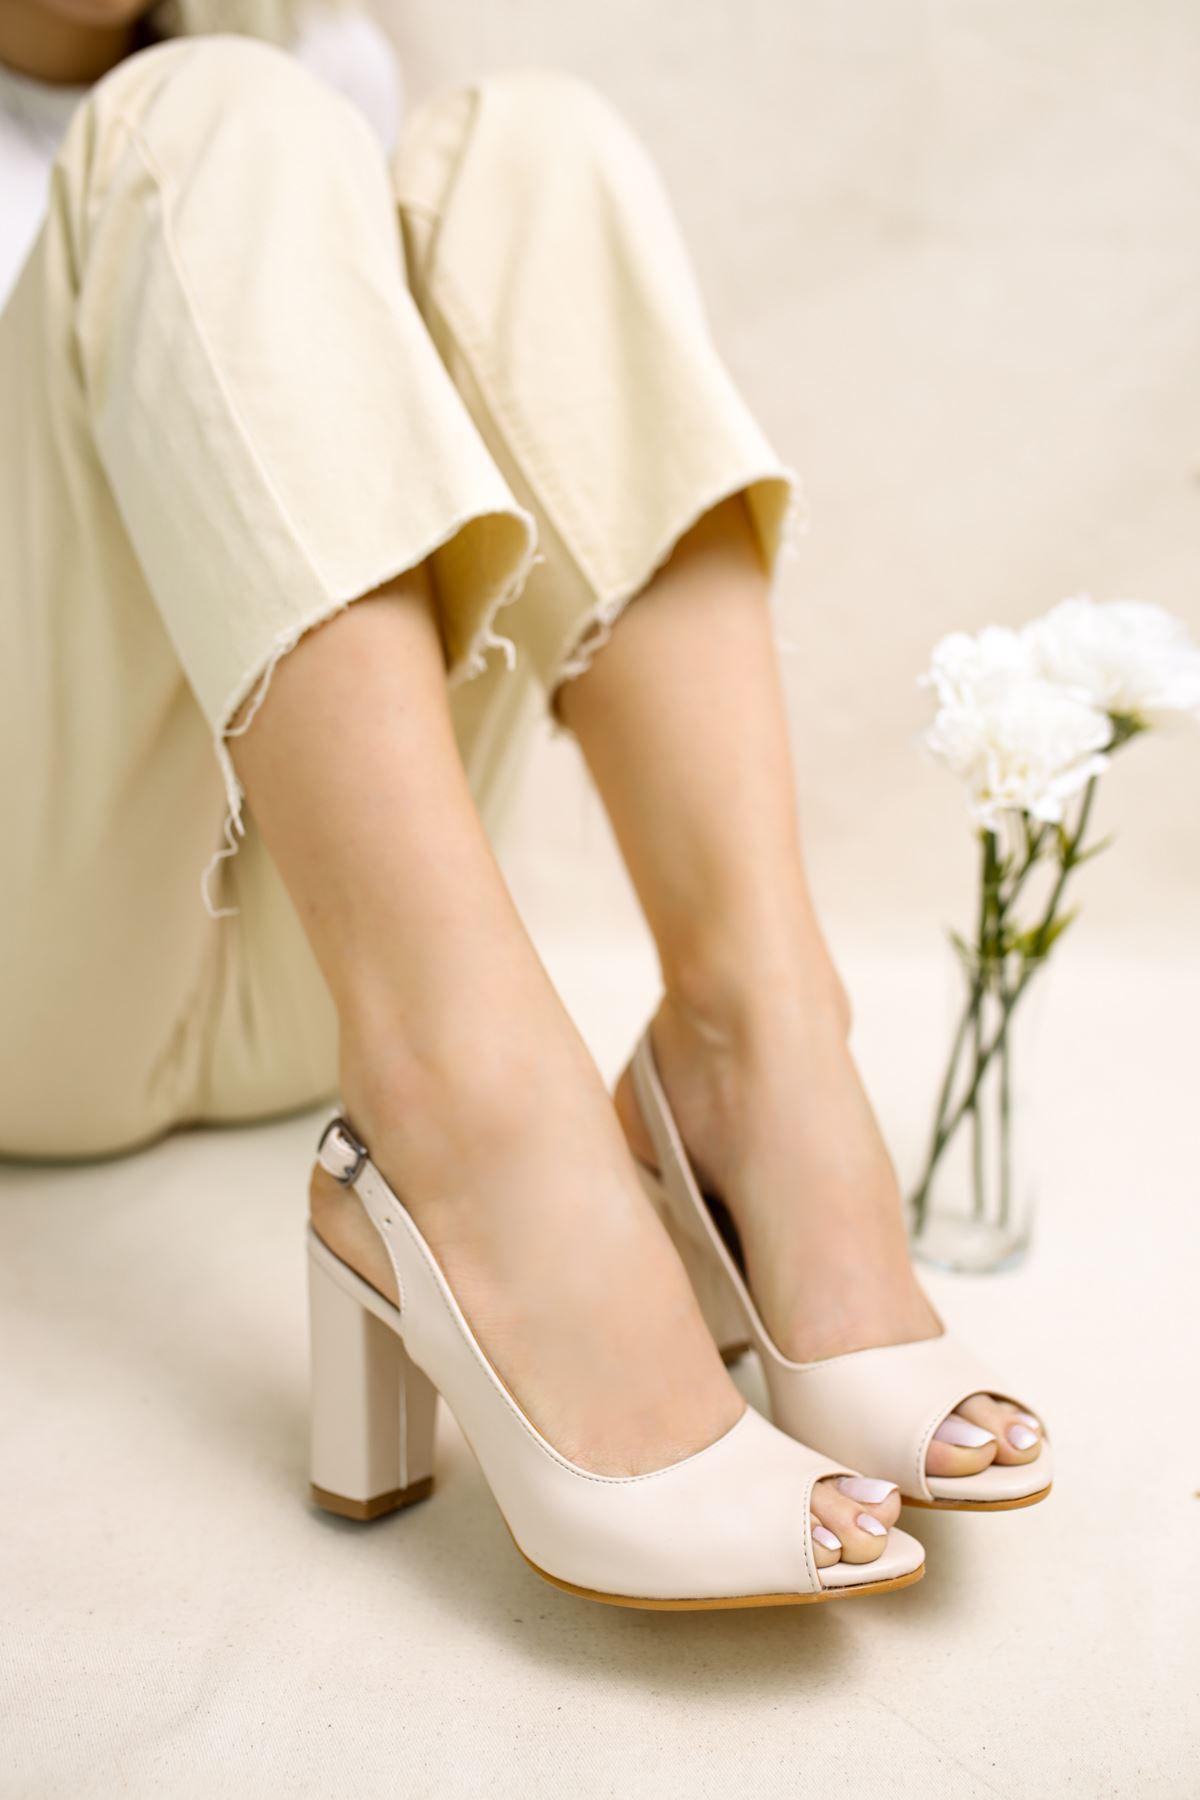 Maura Vizon Mat Deri Kadın Topuklu Ayakkabı